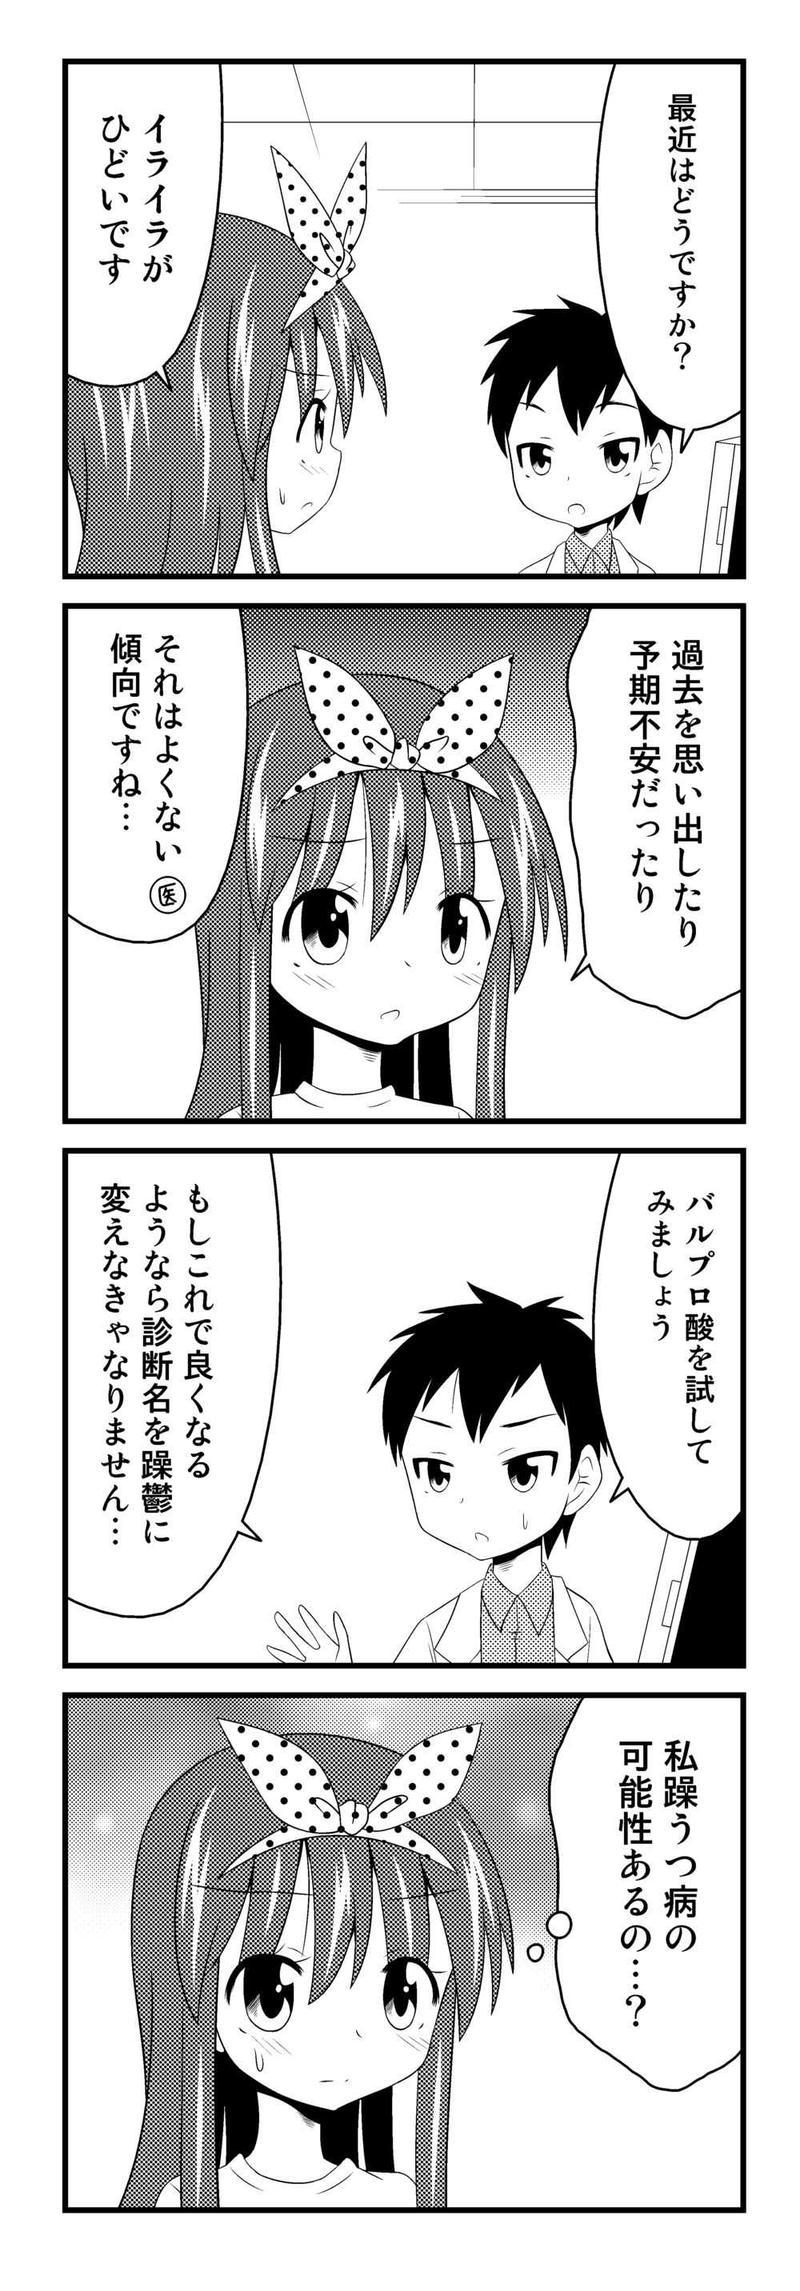 診察編16